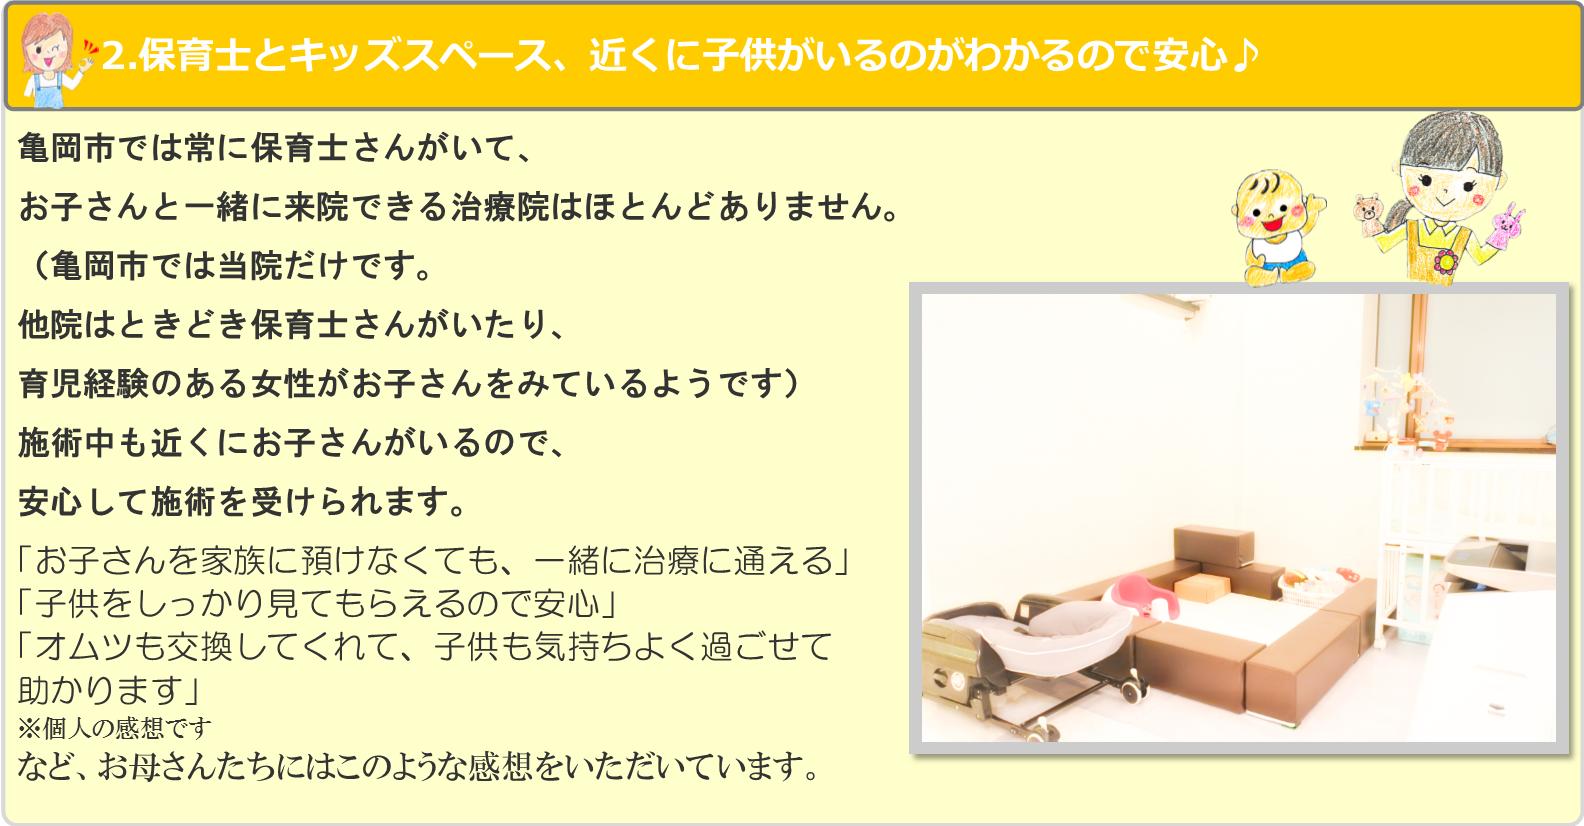 子連れで行ける整体院、京都市、亀岡市